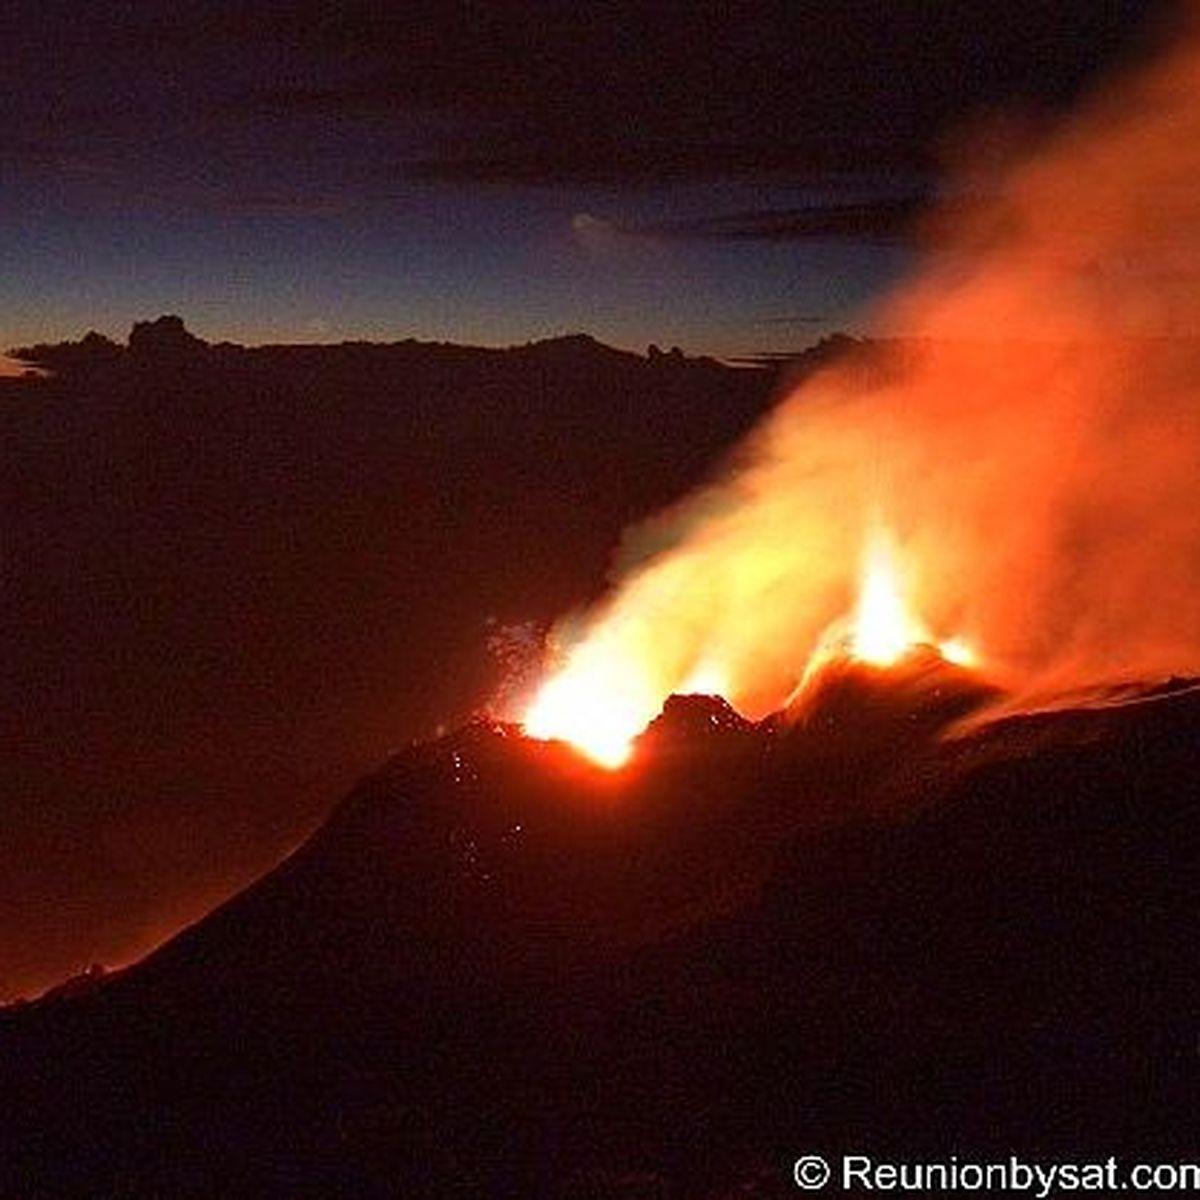 La réunion éruption du volcan